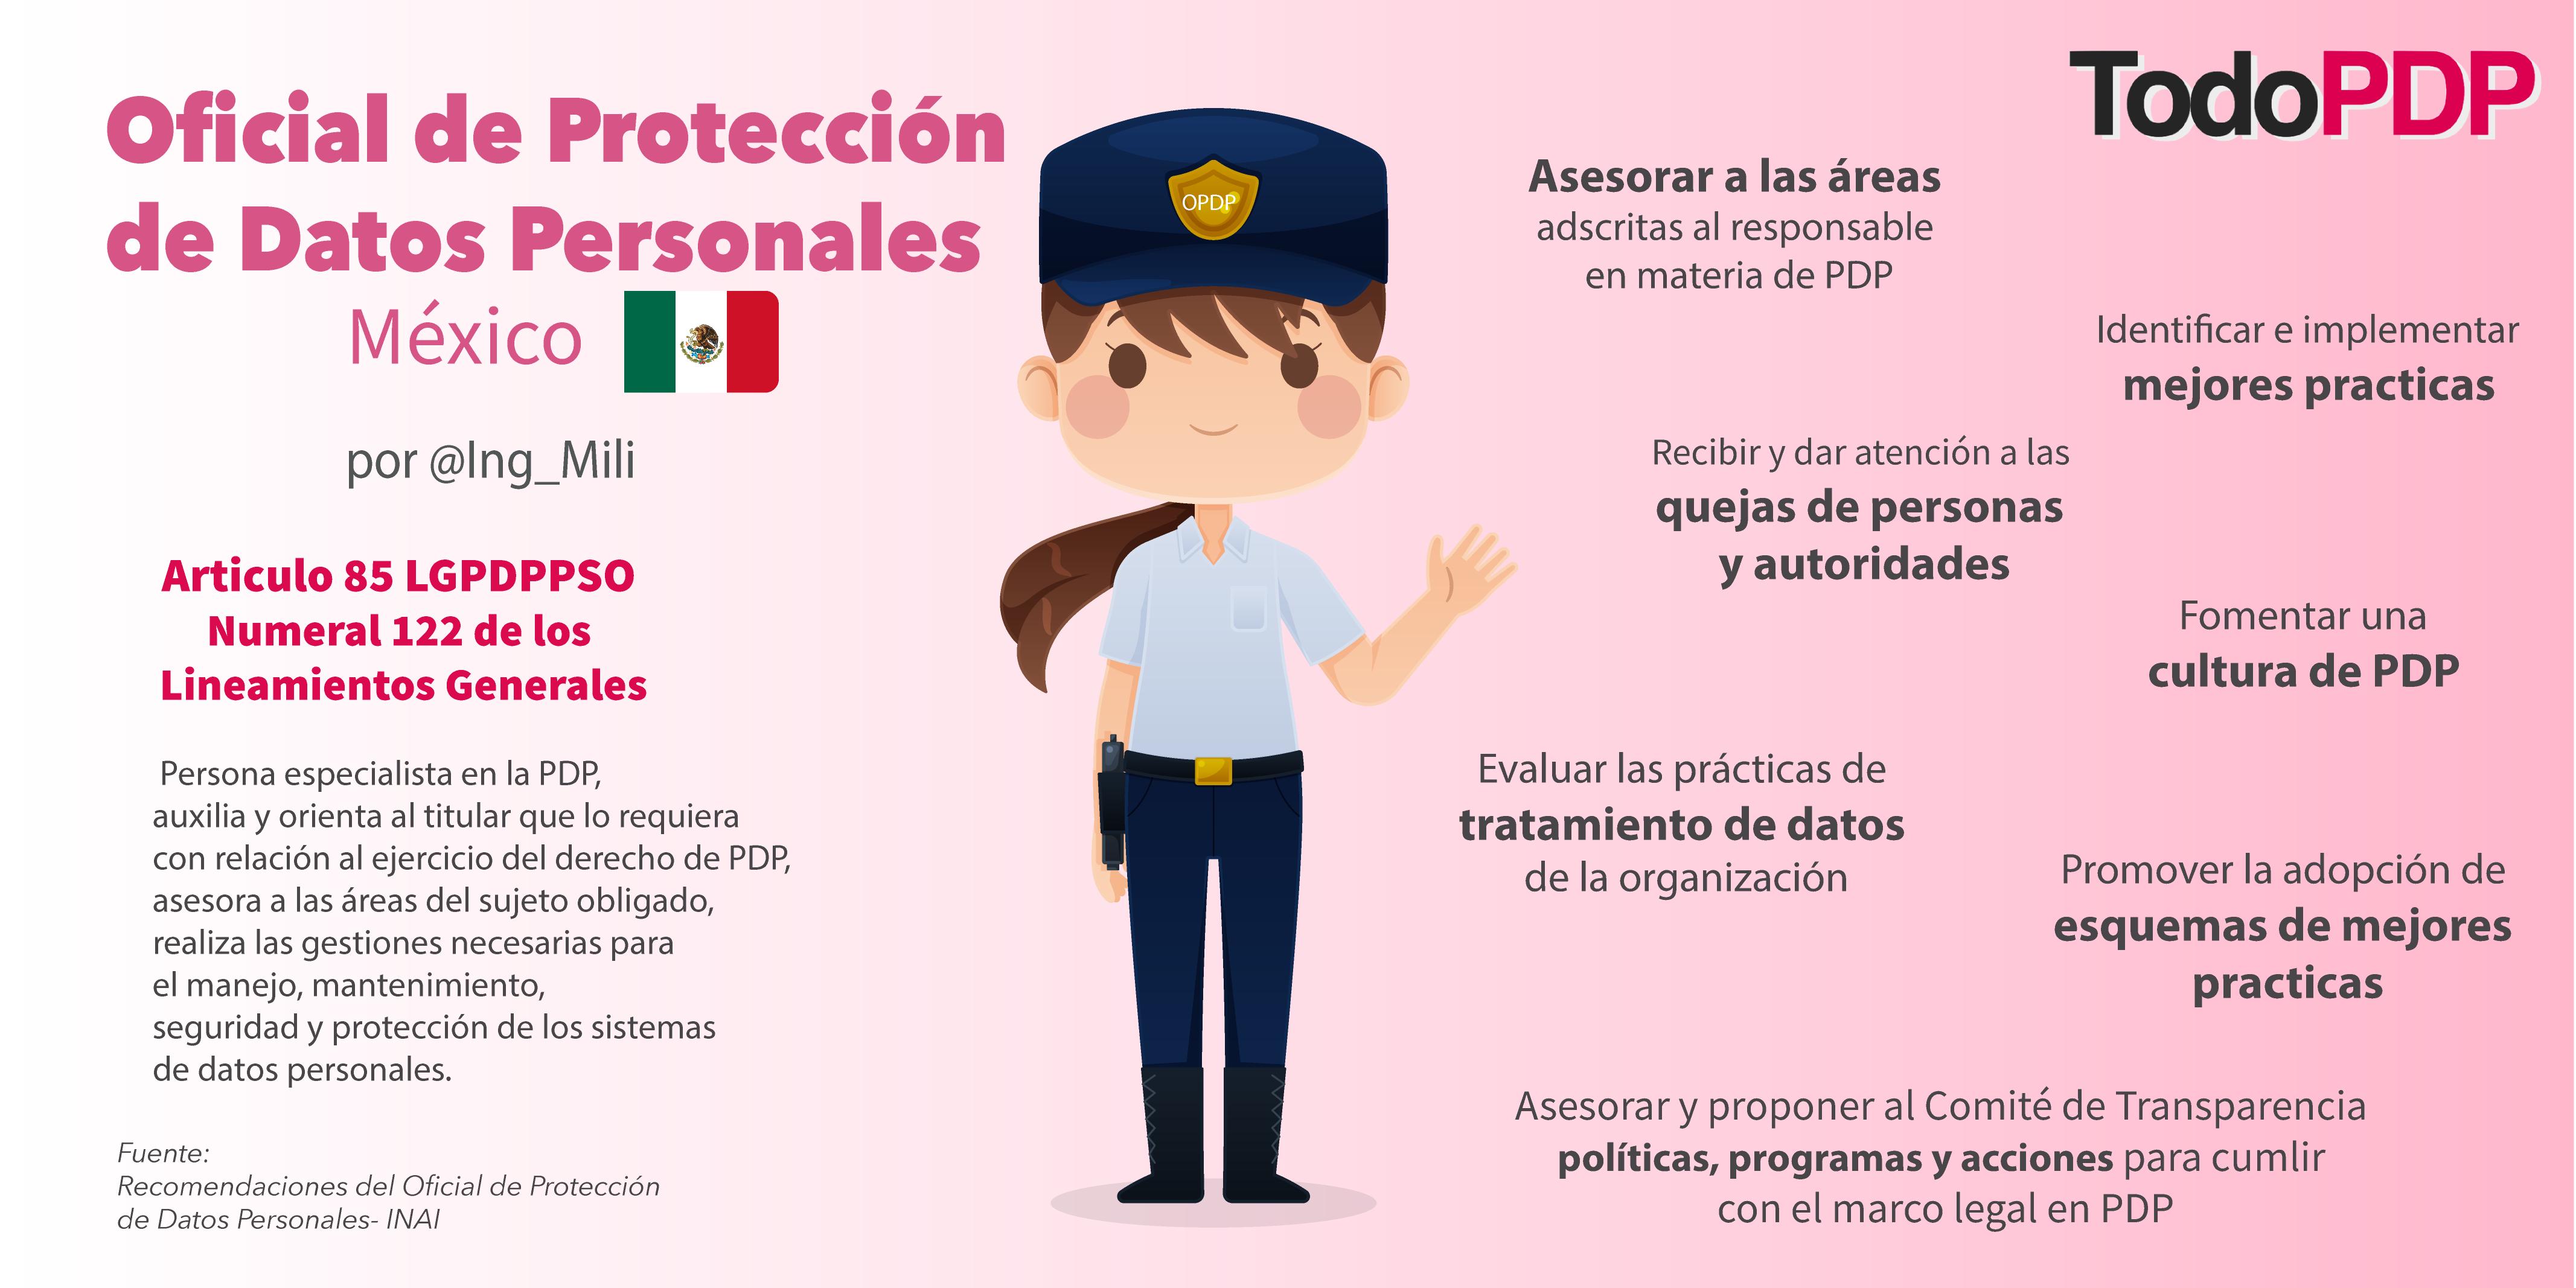 El Oficial de Protección de Datos Personales en México